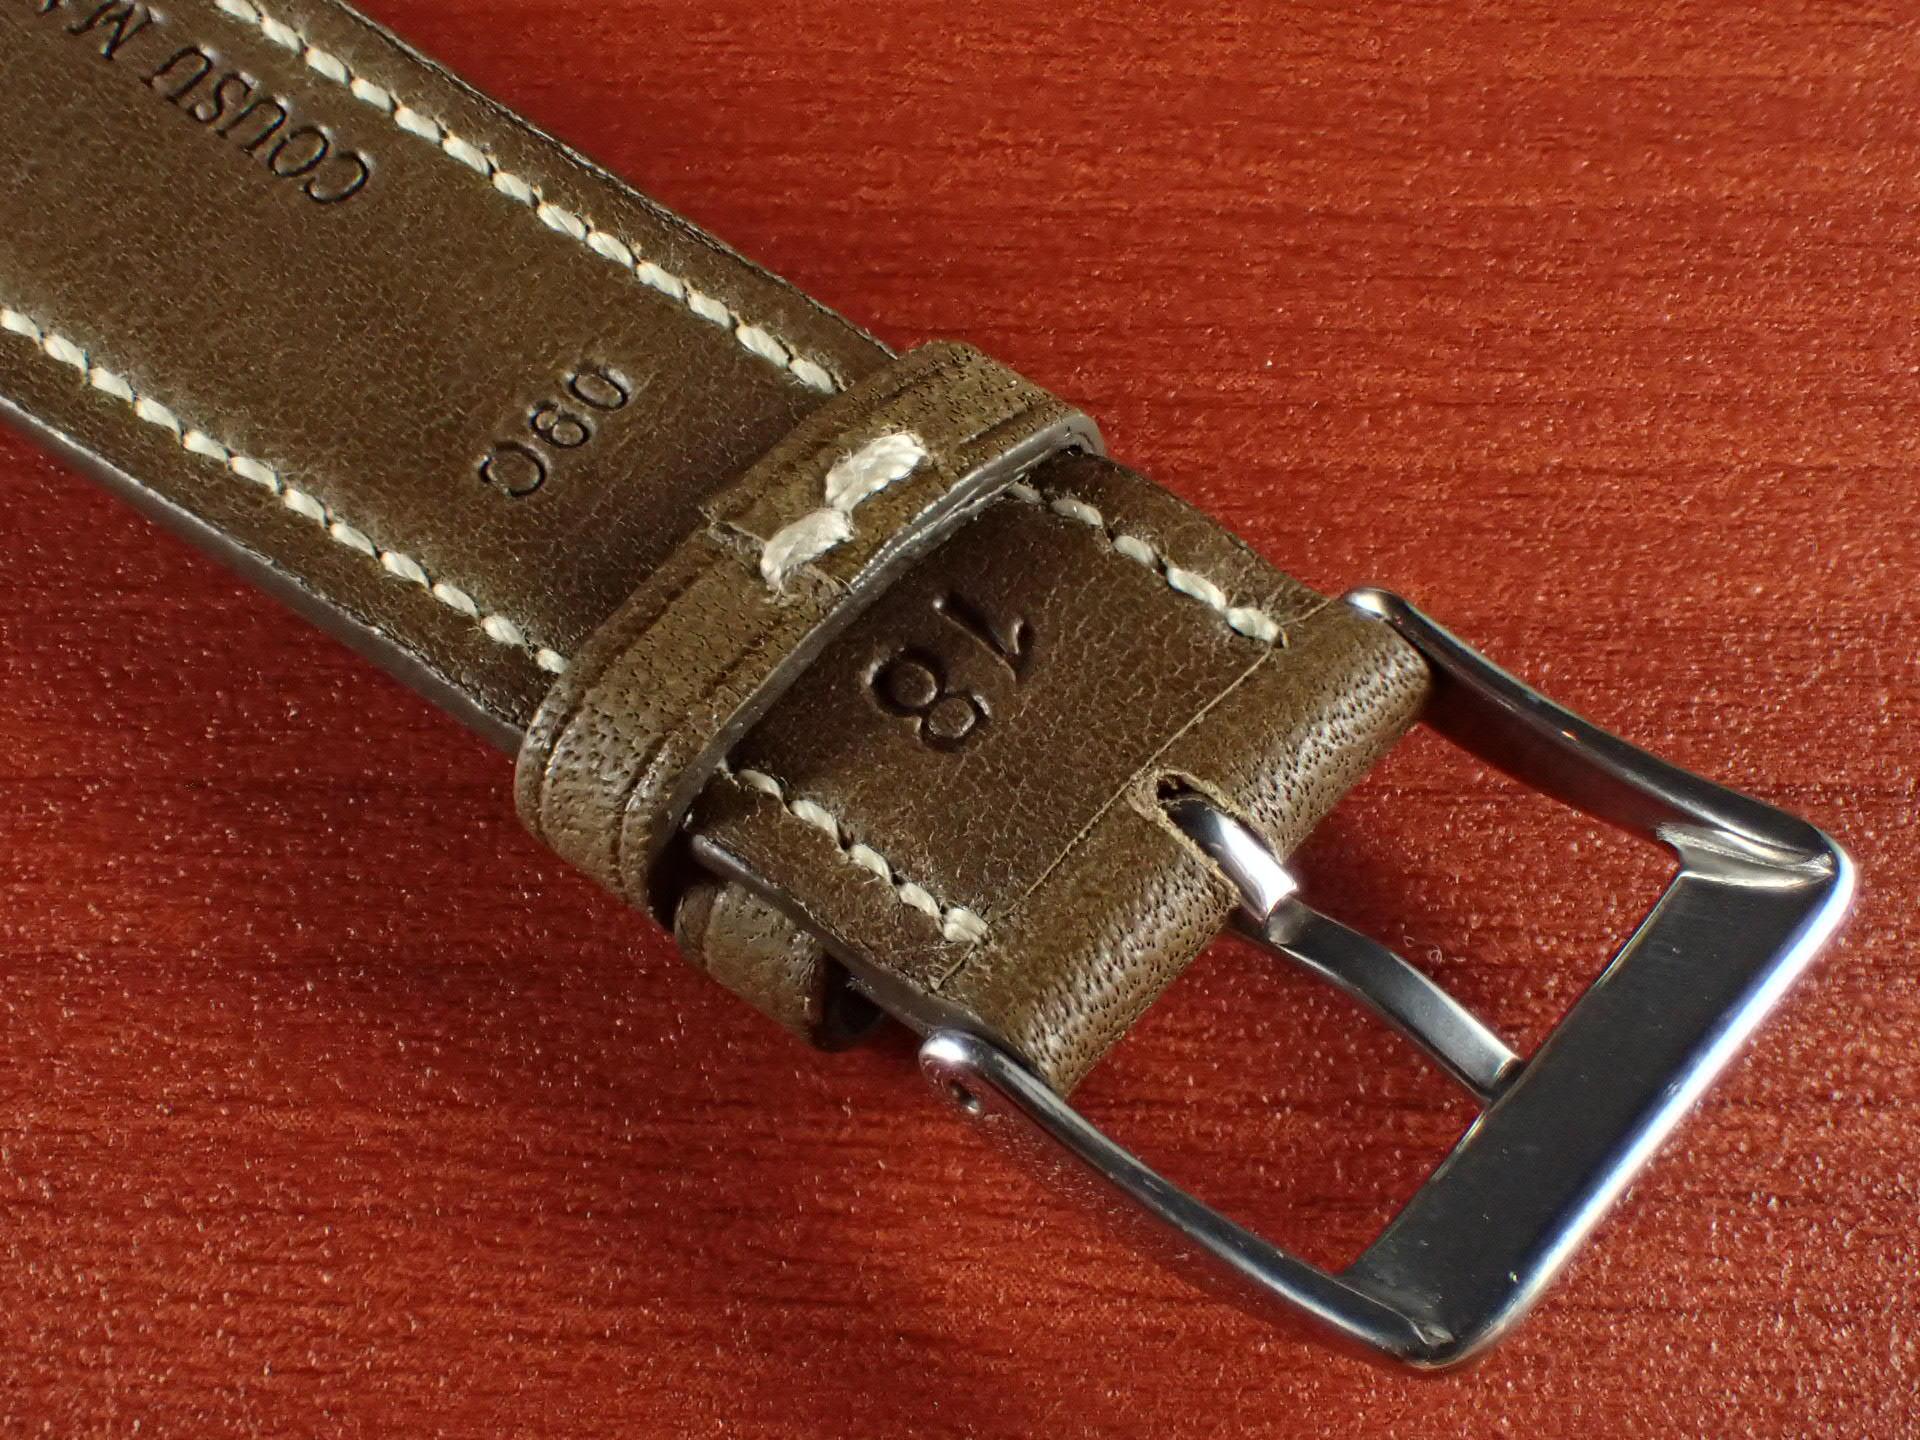 ジャン・クロード ペラン革ベルト カーフ オリーブ 16、17、18、19、20mmの写真4枚目